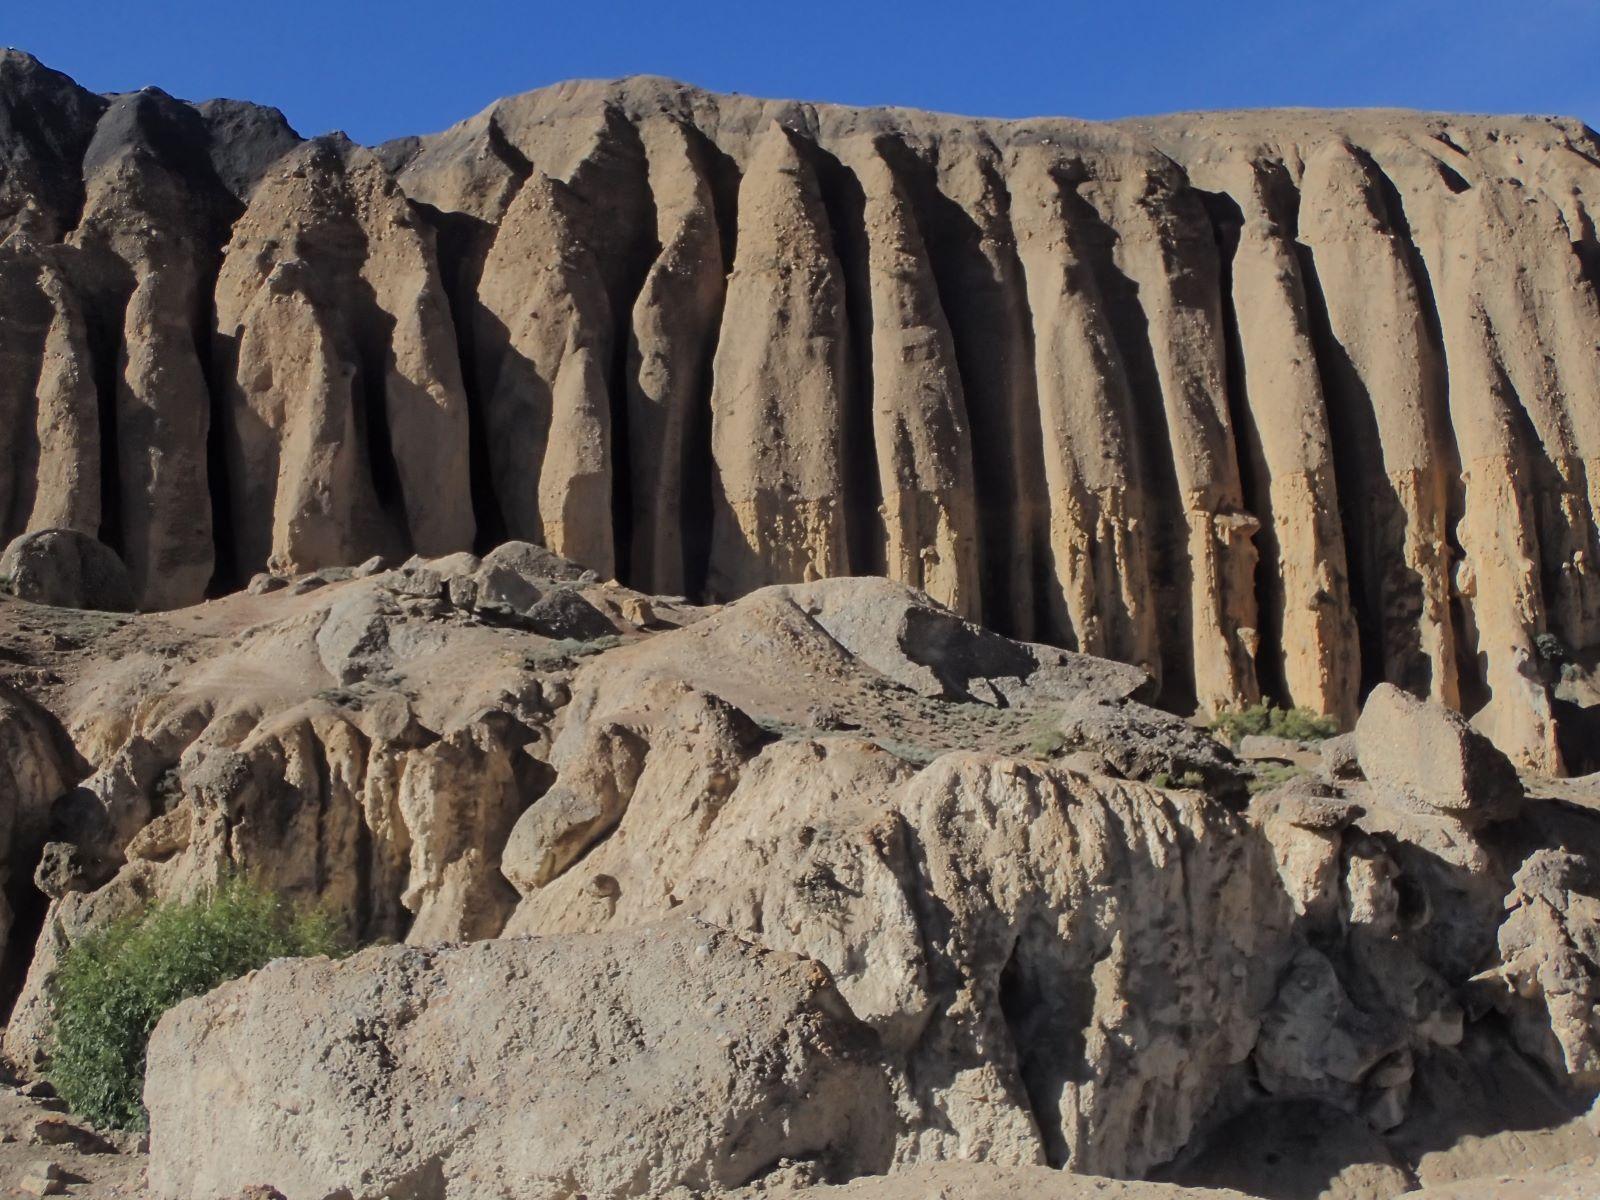 Skalne formacje w Mustangu - fot. Jerzy Kostrzewa